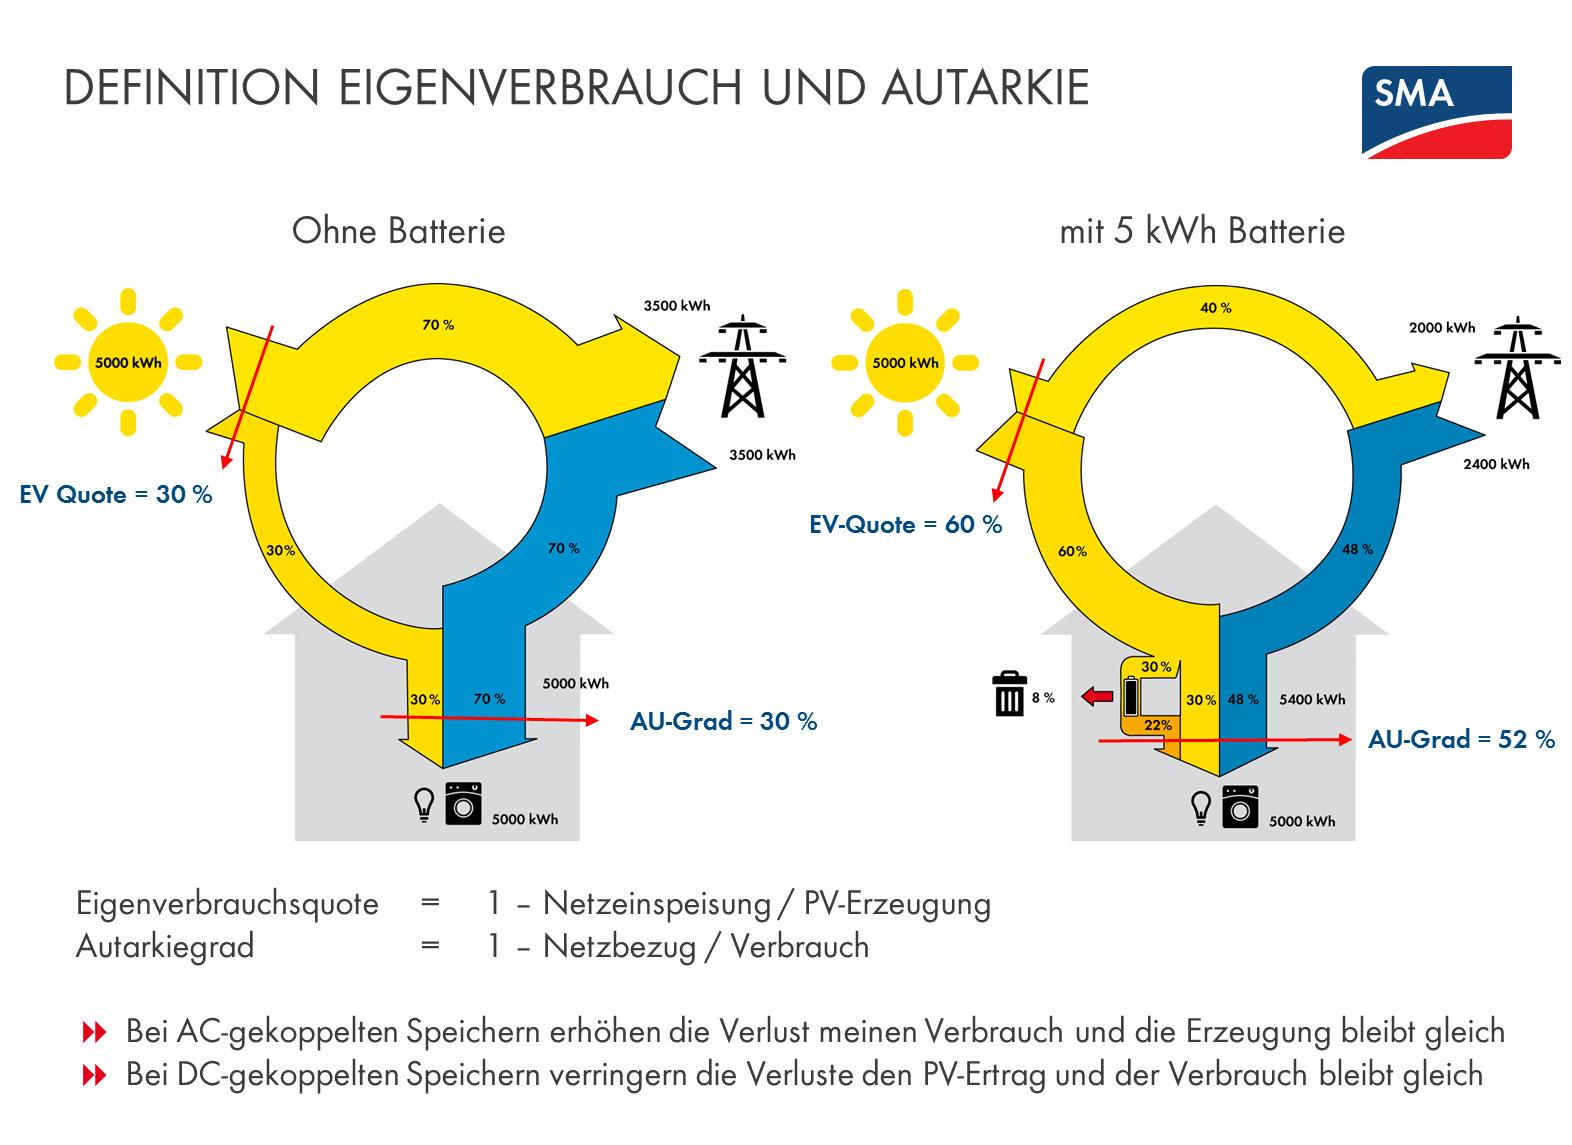 Der Unterschied zwischen Eigenverbrauch und Autarkie: Wer auf Eigenverbrauch setzt, will so viel wie möglich der erzeugten PV-Energie selbst sinnvoll verbrauchen, um Strombezugskosten einzusparen. Anlagen hingegen, die auf eine möglichst hohe Autarkiequote – das Verhältnis von Eigenversorgung zum Energiebedarf aller elektrischen Verbraucher – ausgelegt sind, zielen auf die maximale Unabhängigkeit vom Energieversorger und minimale Kosten pro entnommene Kilowattstunde. In der Regel führt eine hohe Autarkiequote zu geringem Eigenverbrauch und umgekehrt. Speicher helfen sowohl die Eigenverbrauchs- als auch die Autarkiequote zu erhöhen.